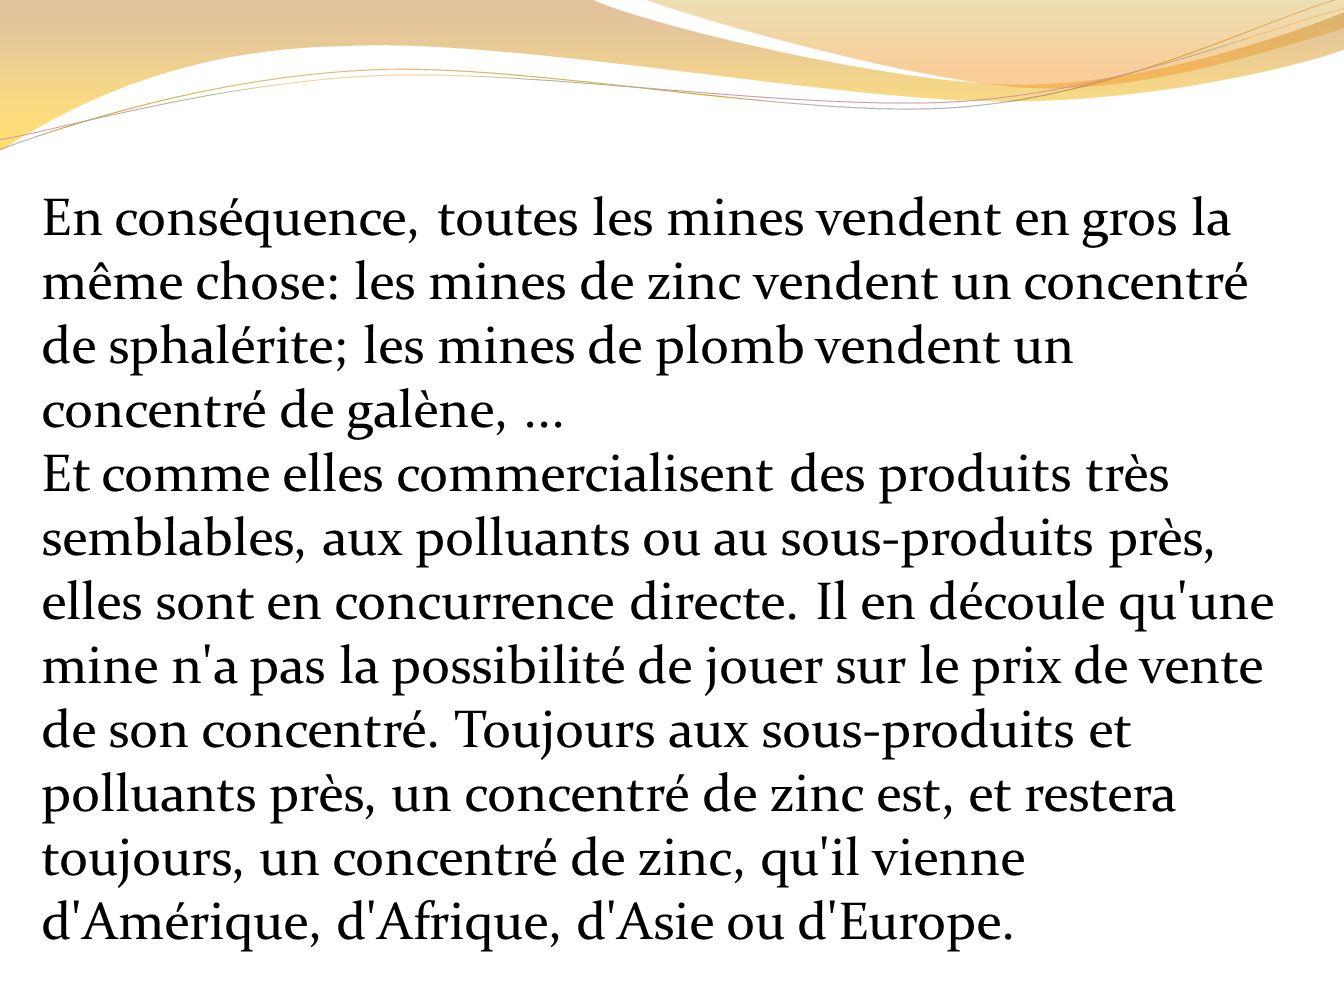 En conséquence, toutes les mines vendent en gros la même chose: les mines de zinc vendent un concentré de sphalérite; les mines de plomb vendent un concentré de galène, ...